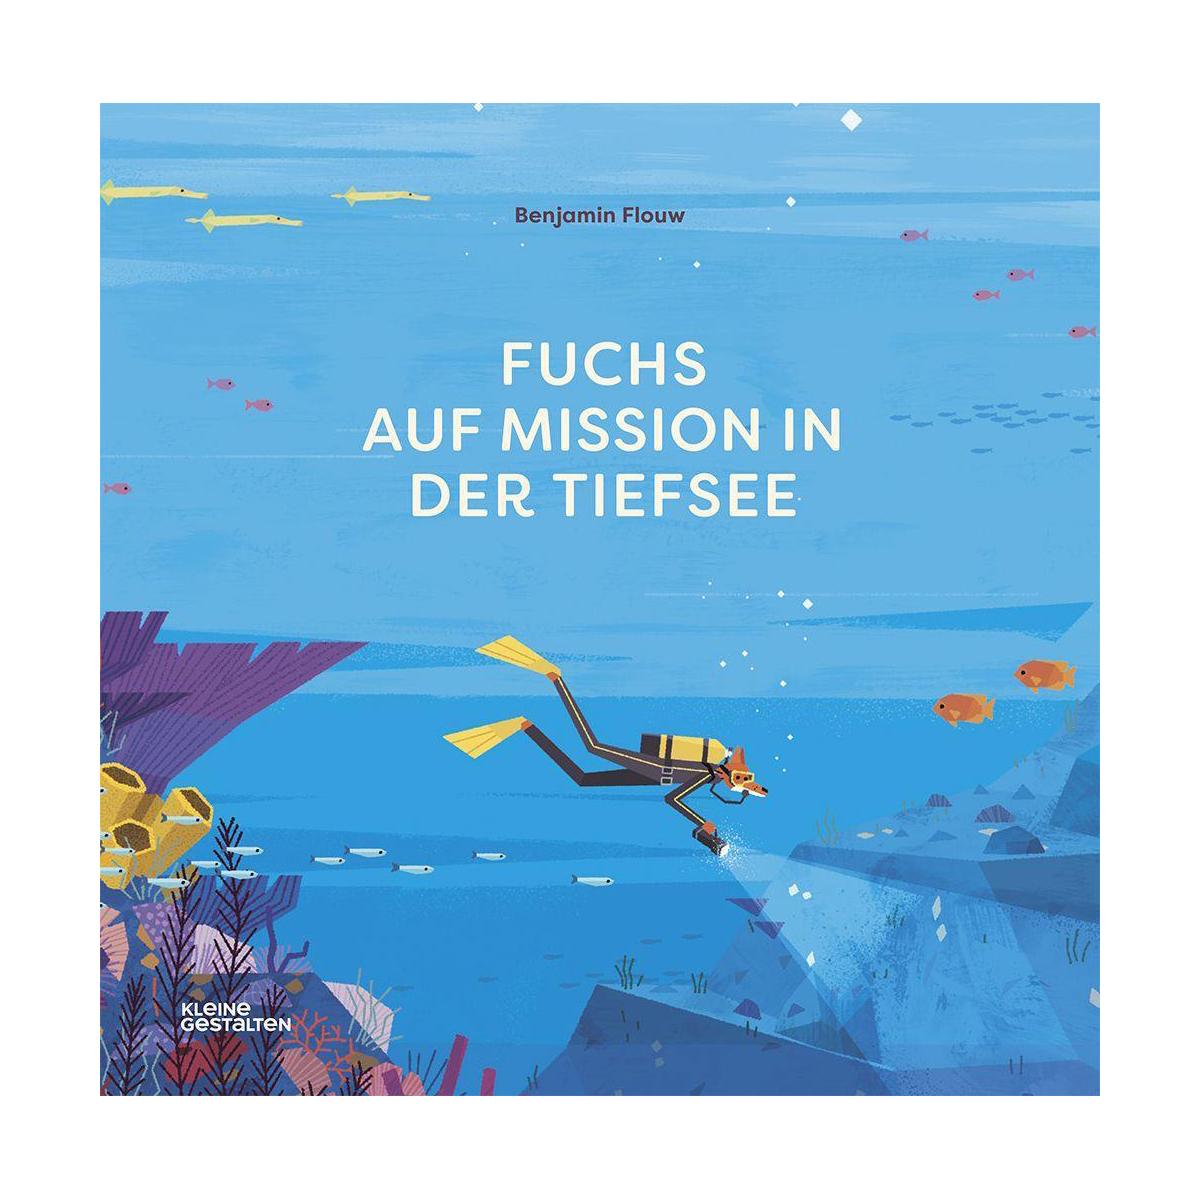 Fuchs auf Mission in der Tiefsee ab 5J.